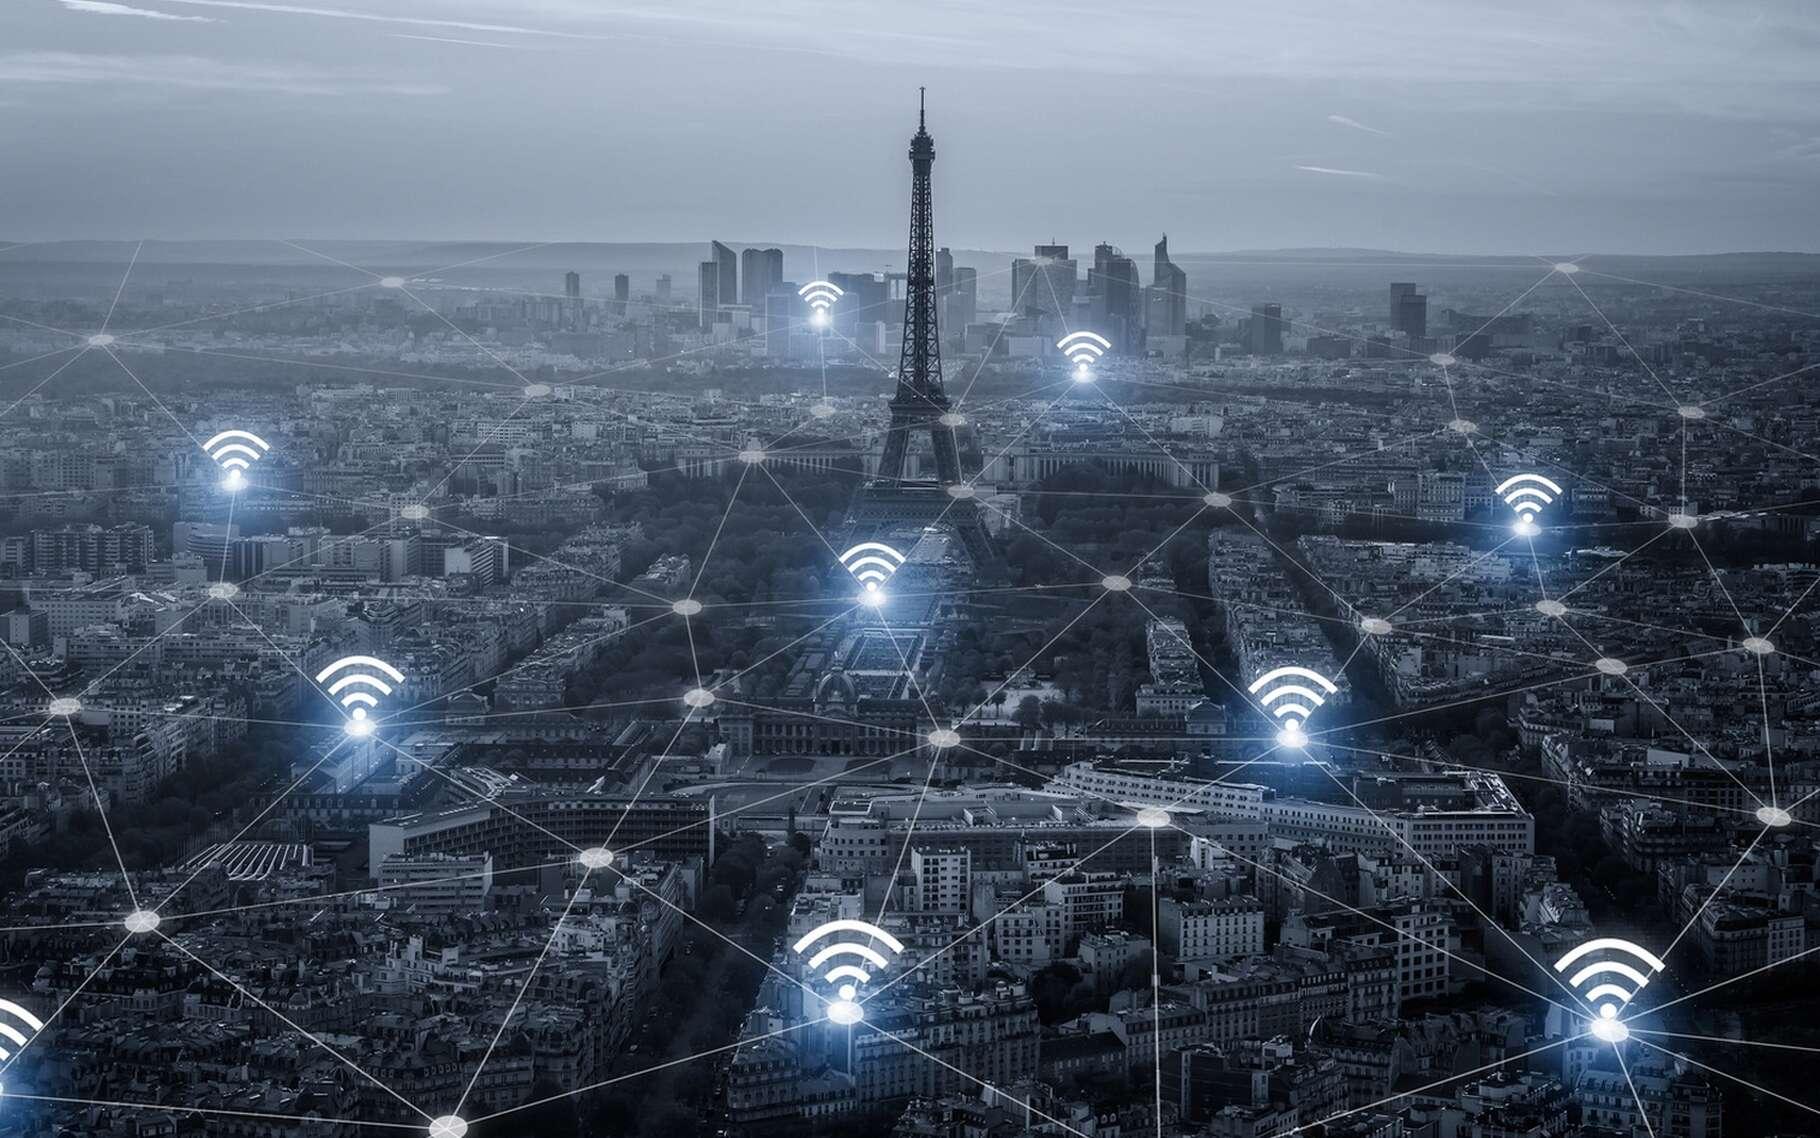 Le Wi-Fi 802.11ax va succéder au Wi-Fi 802.11ac, dont le déploiement effectif commence à peine. Il faudra compter sans doute encore au moins 4 à 5 ans avant de le voir en service. © Ake1150, Fotolia